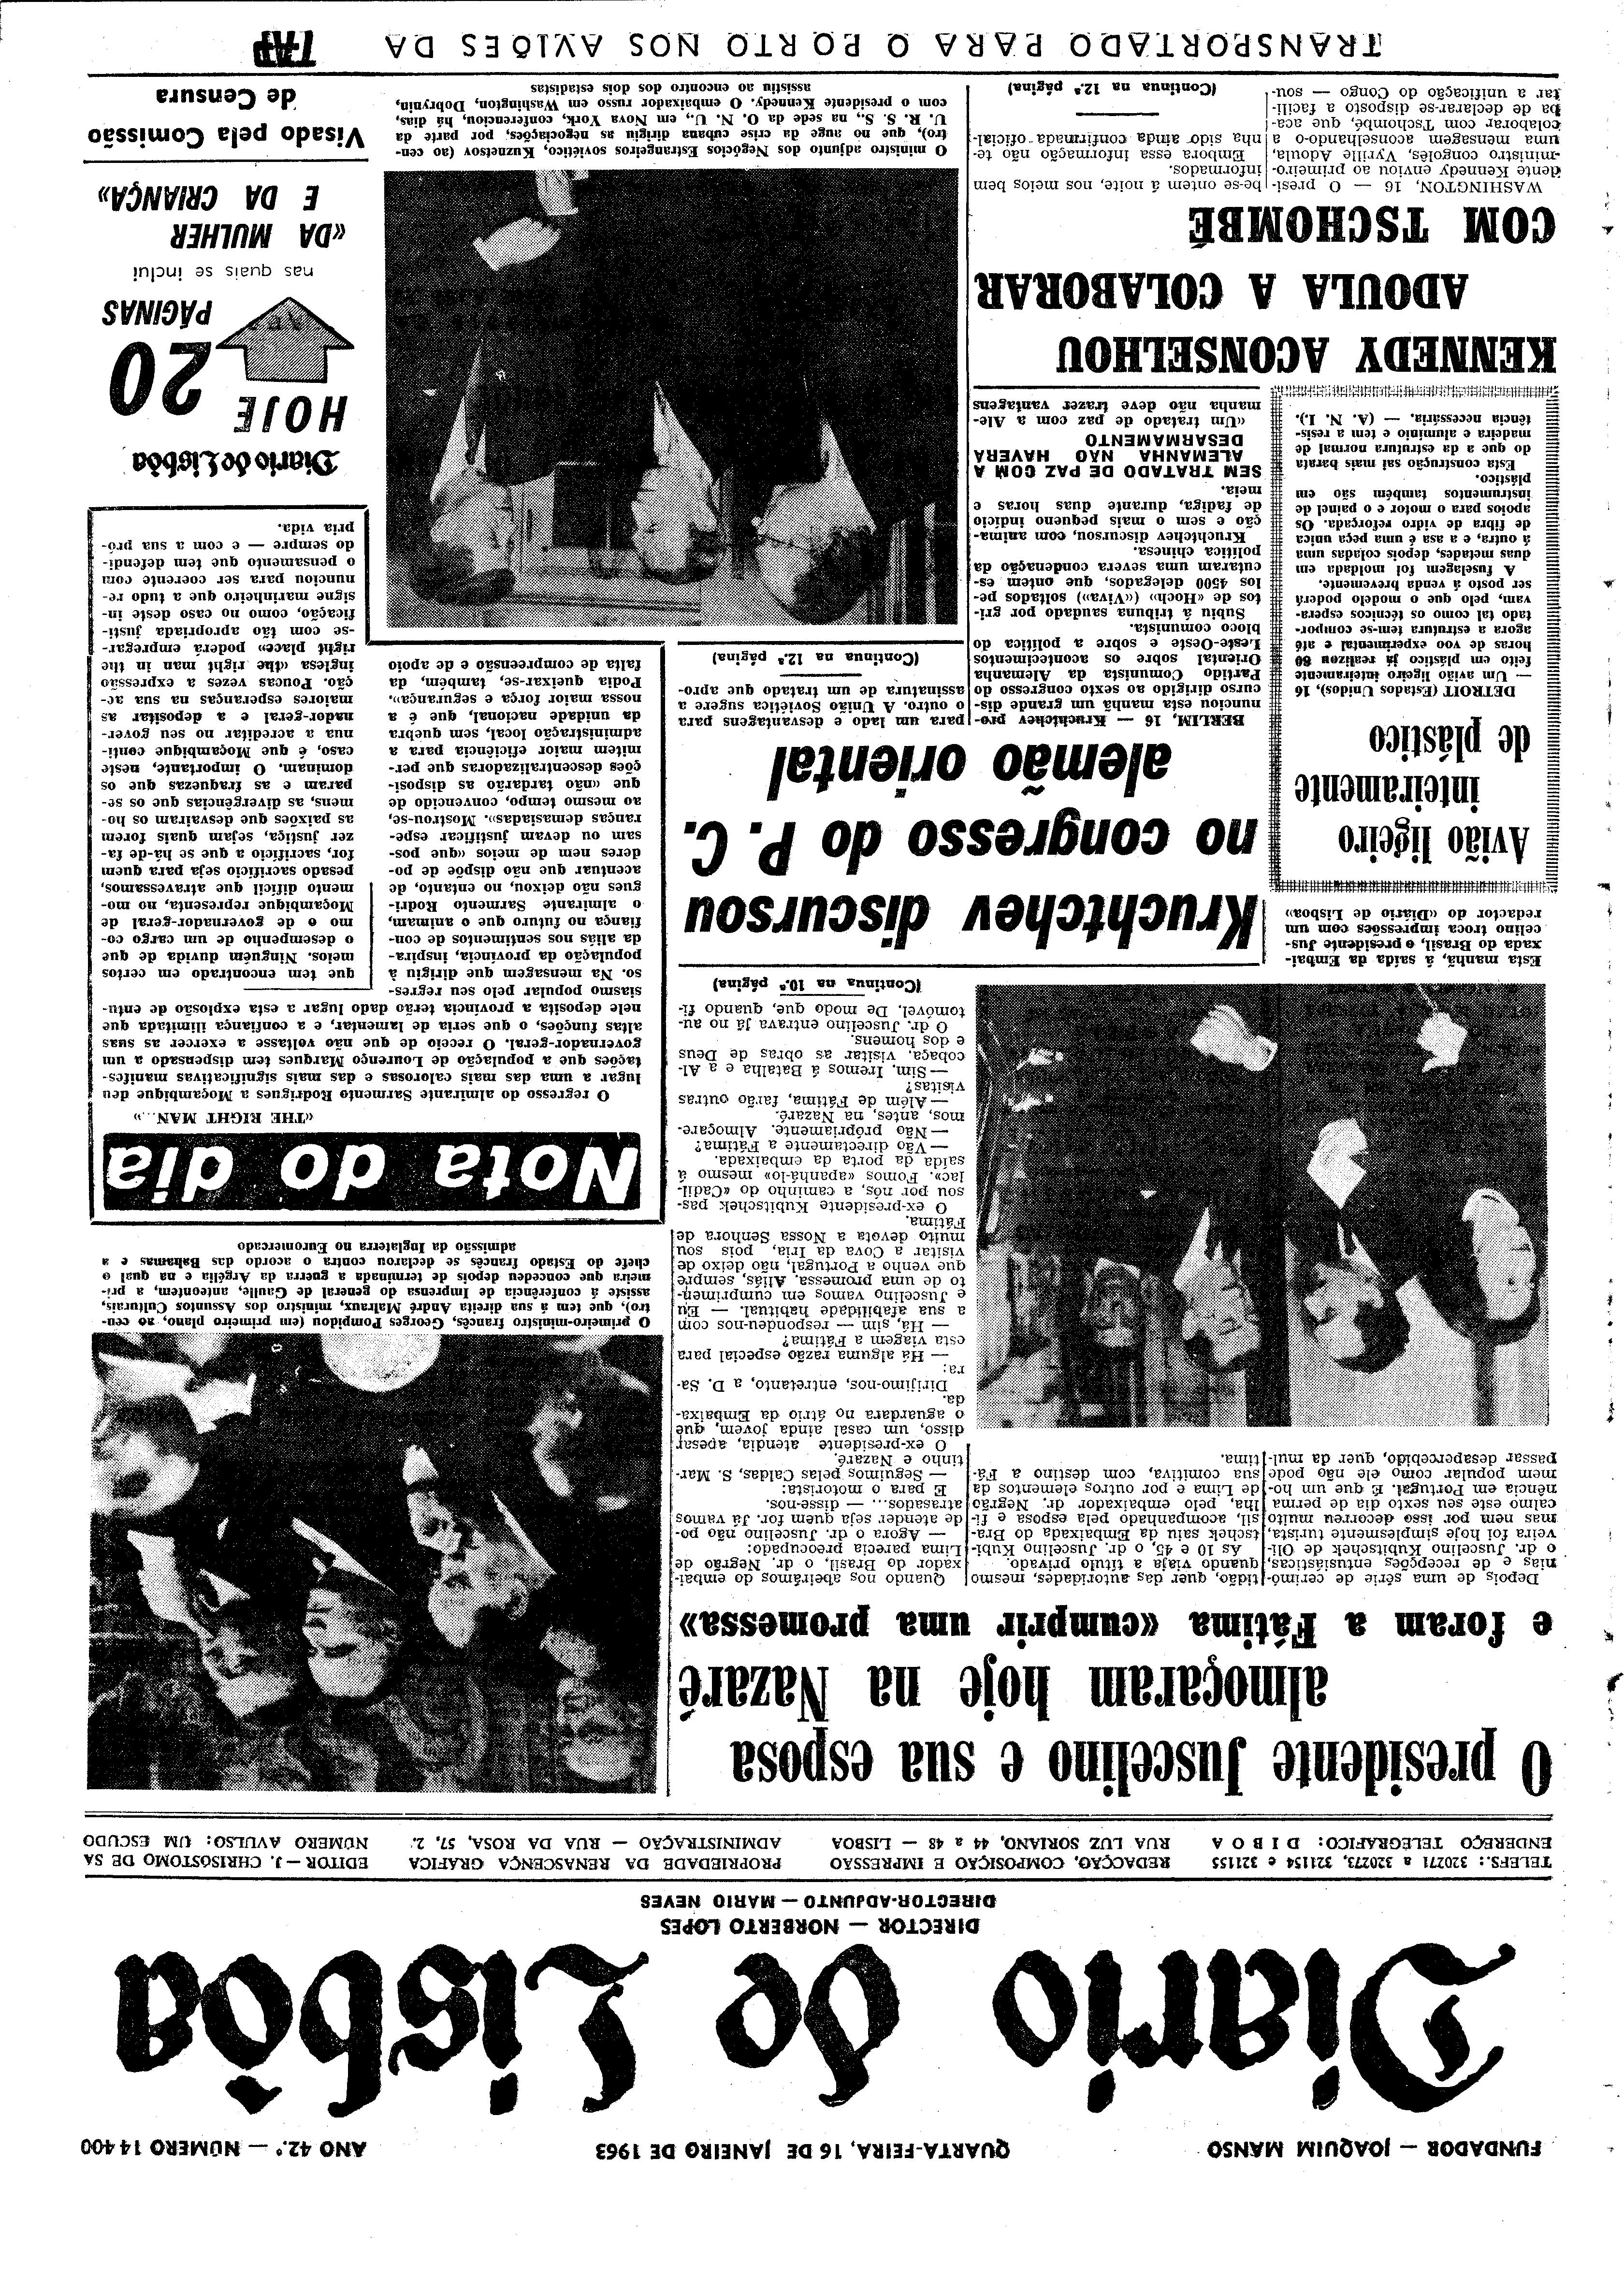 06547.085.18137- pag.1